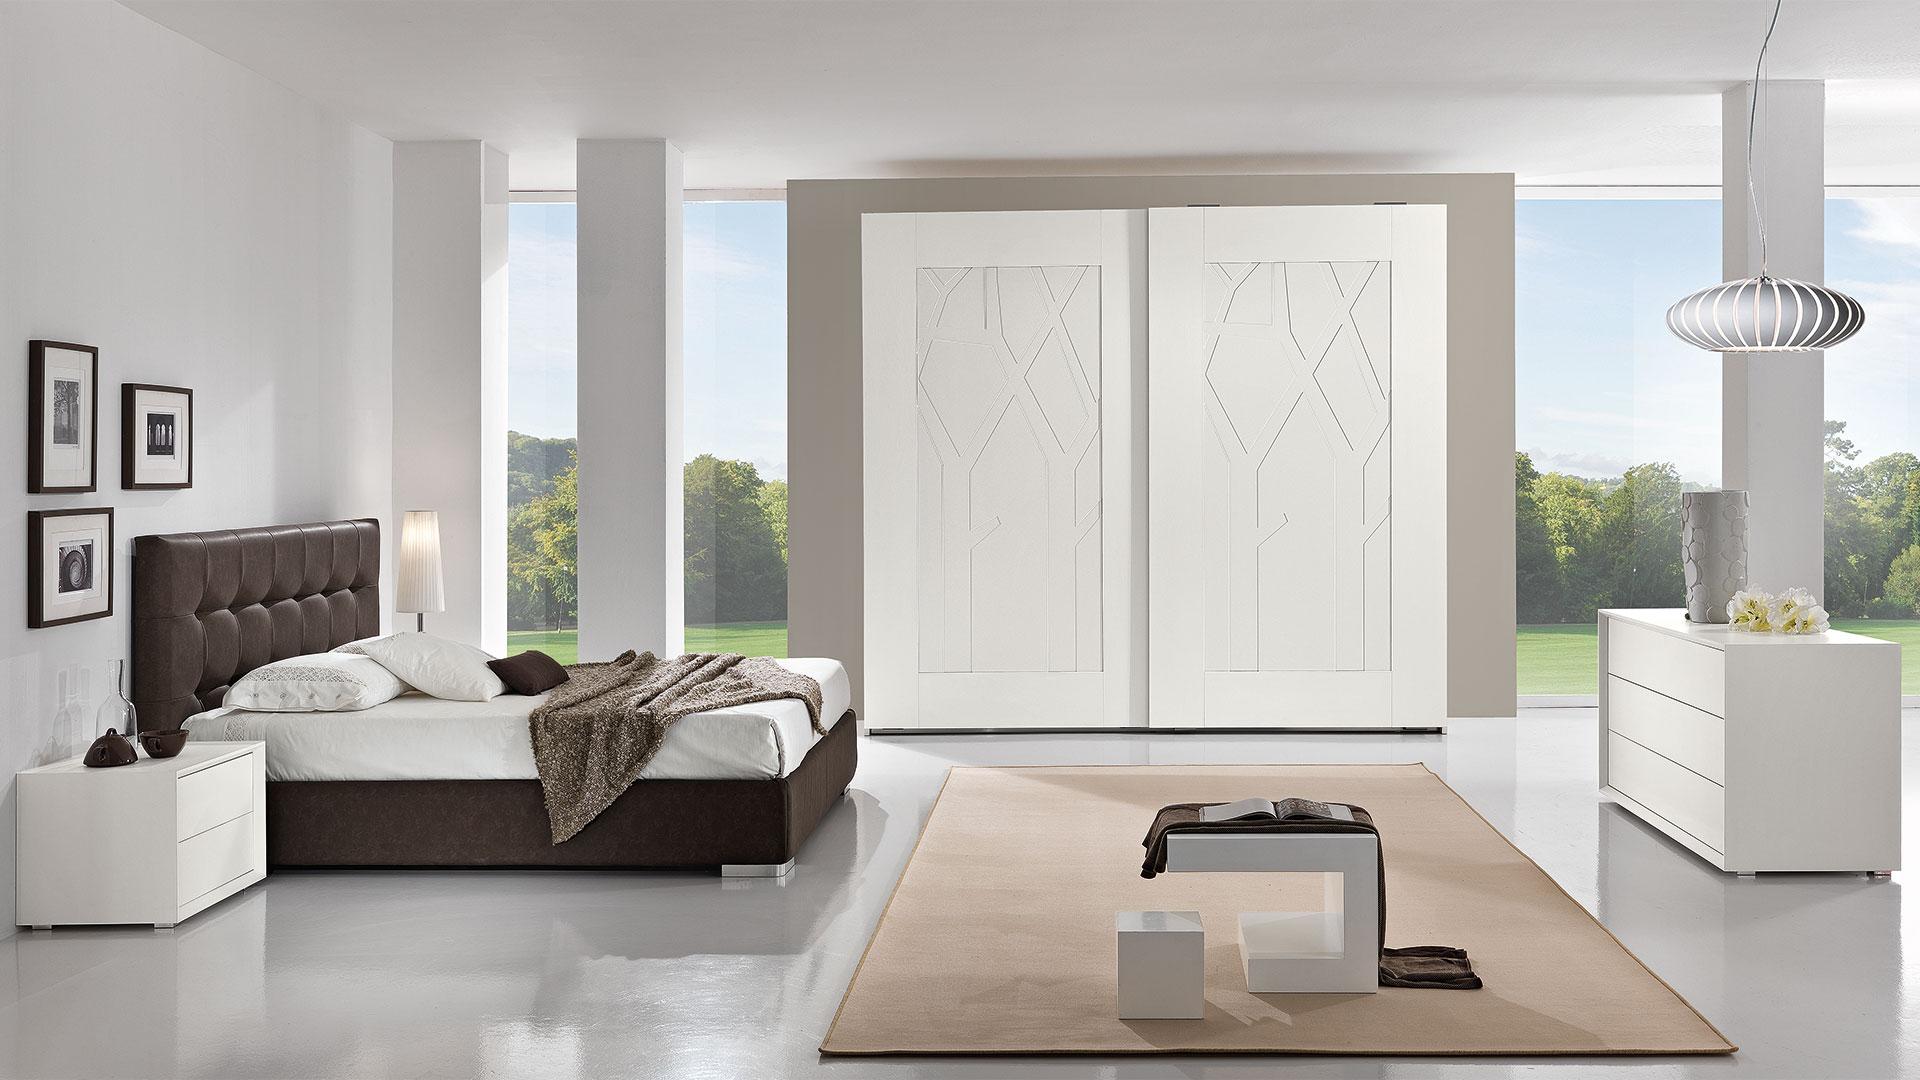 Caratteristiche tipologie di camera da letto. Camere Da Letto Moderne Moby Arredamenti